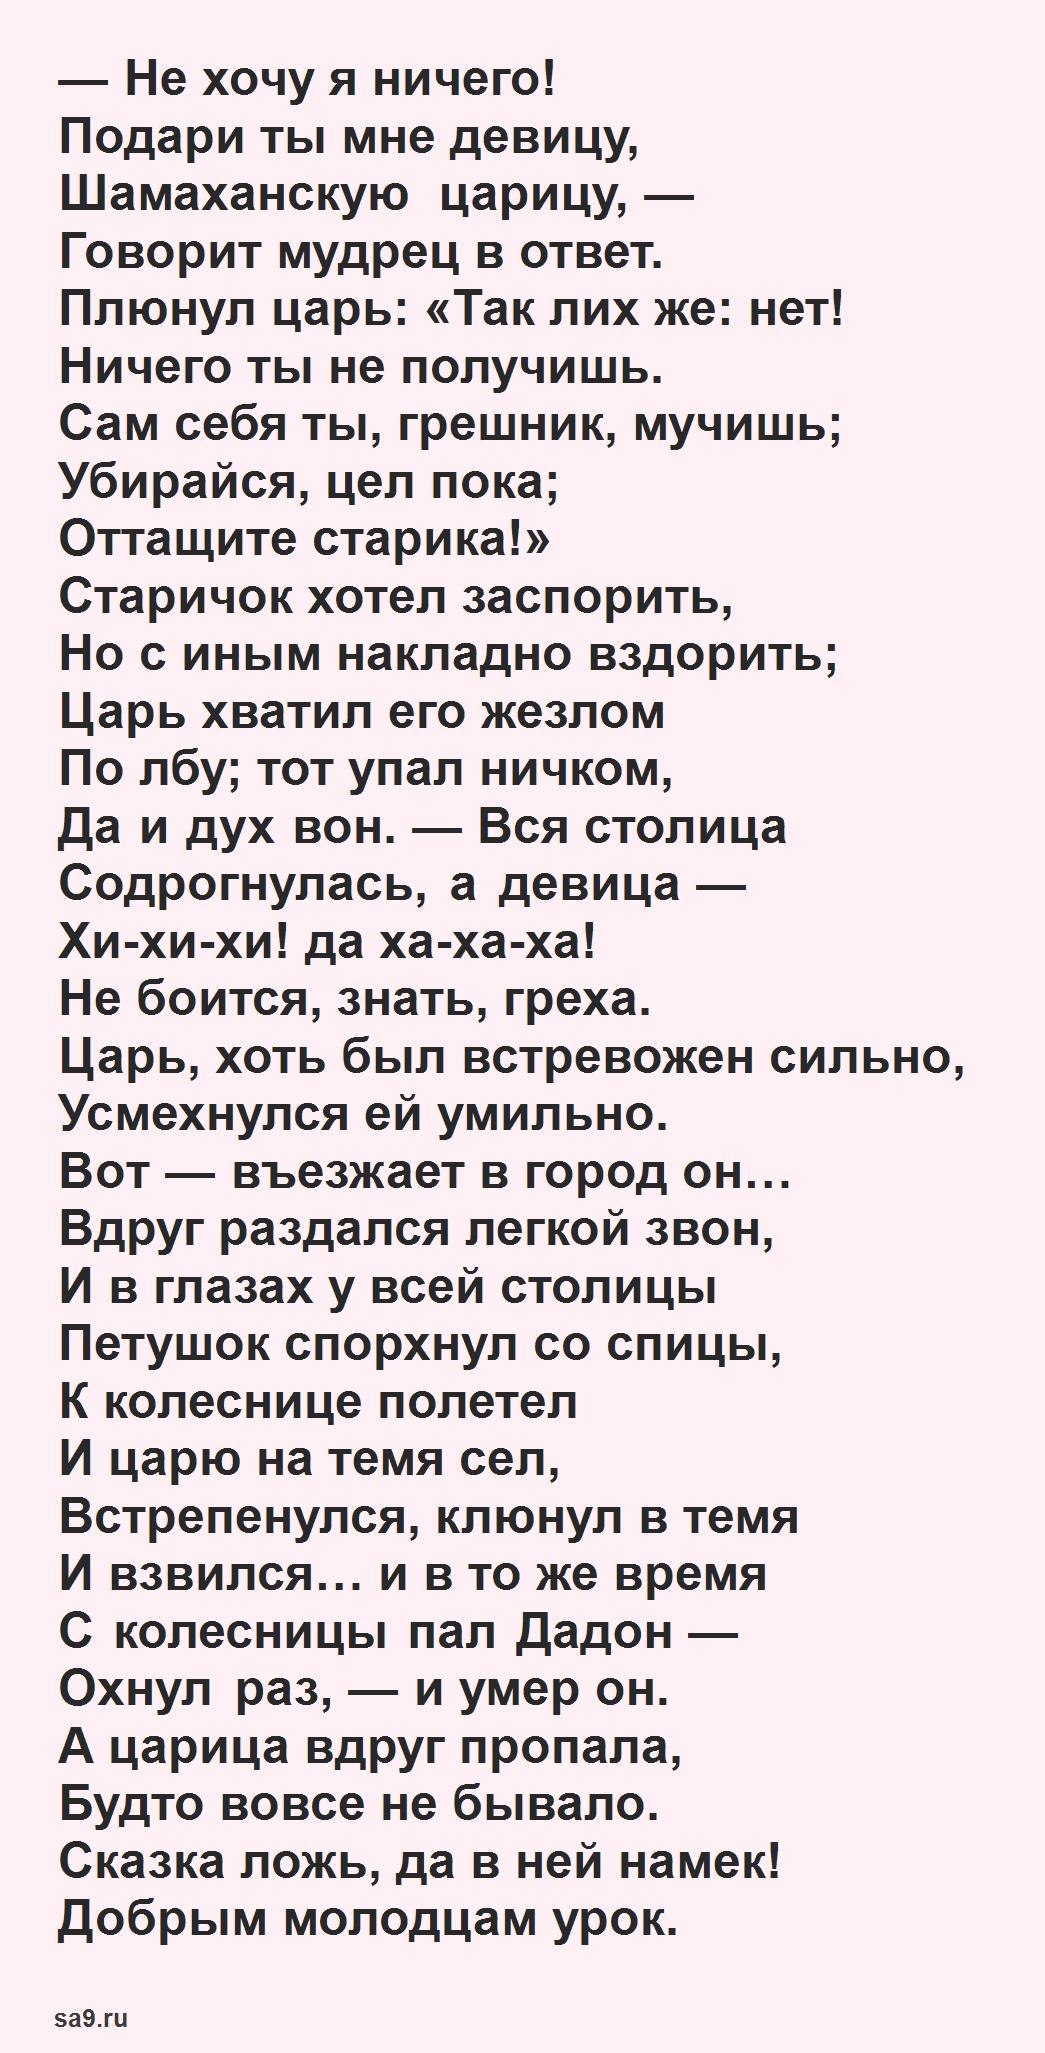 Сказка Пушкина 'О золотом петушке'